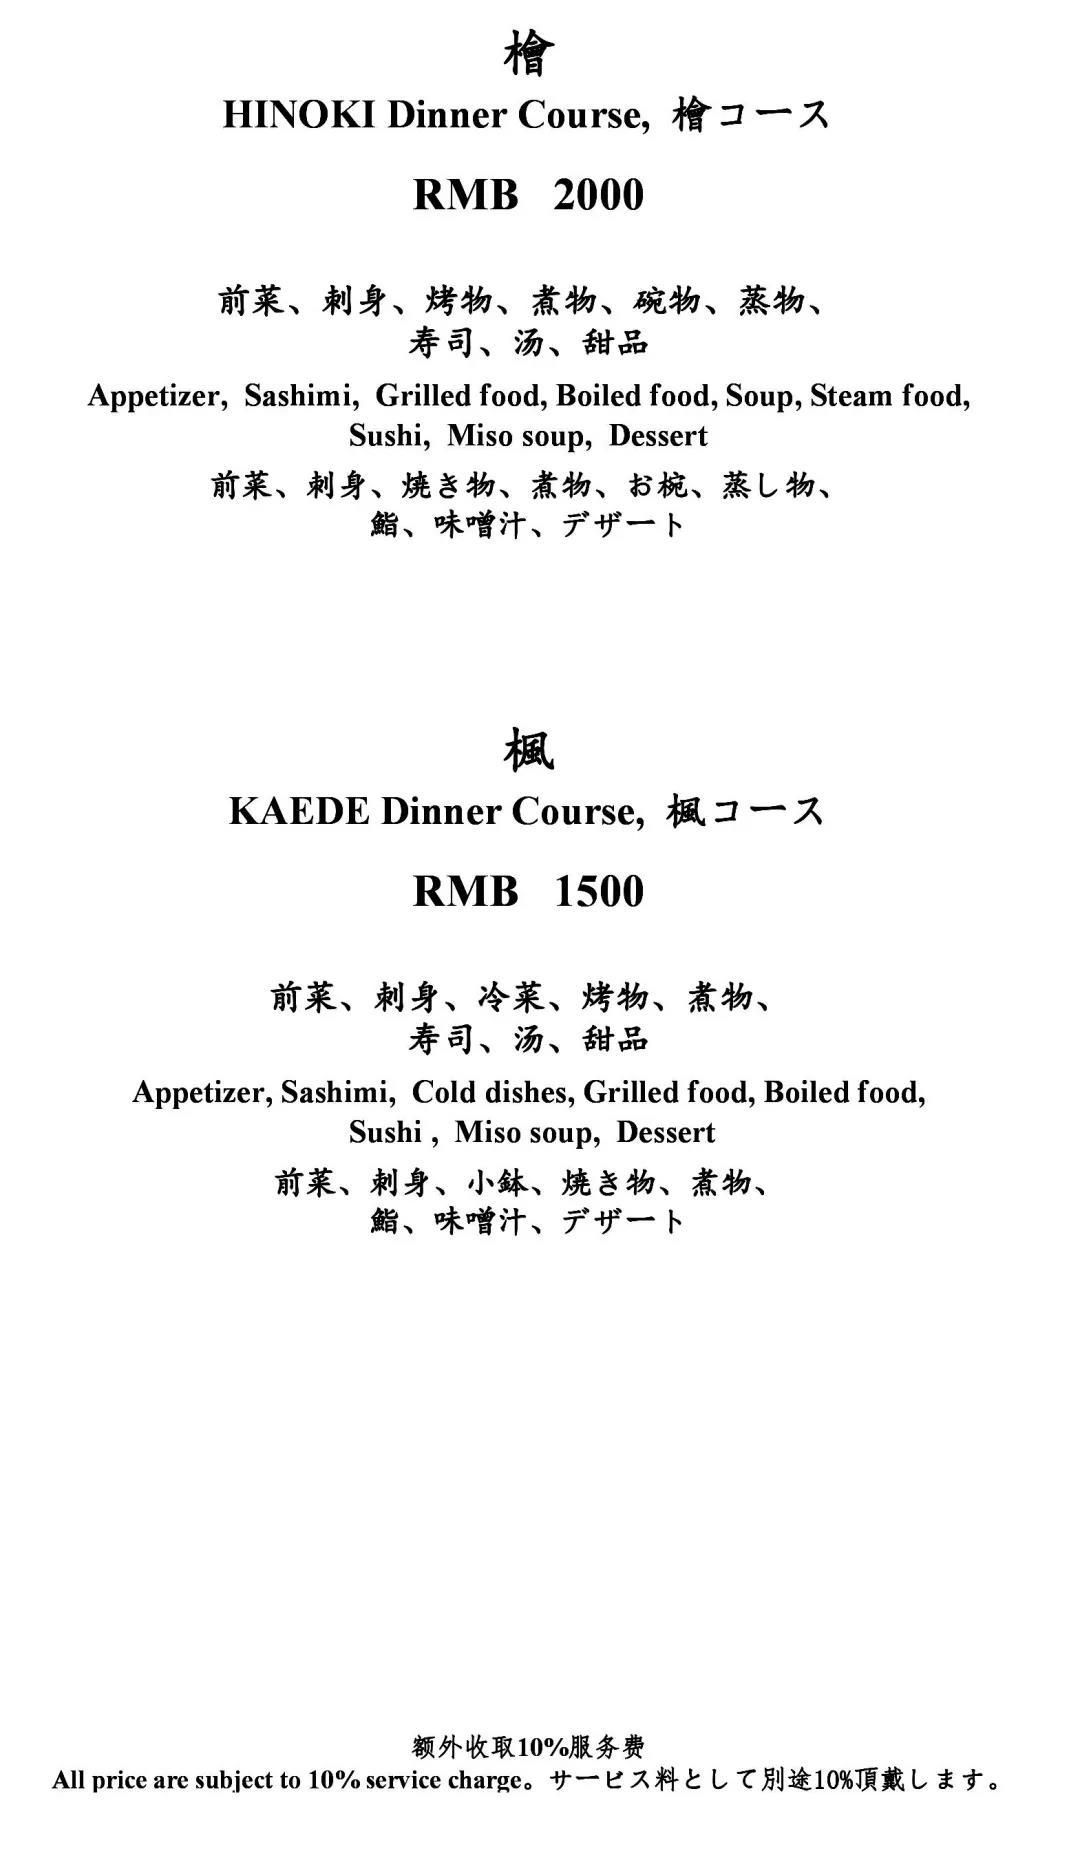 鮨 [上海店] ディナーメニュー2